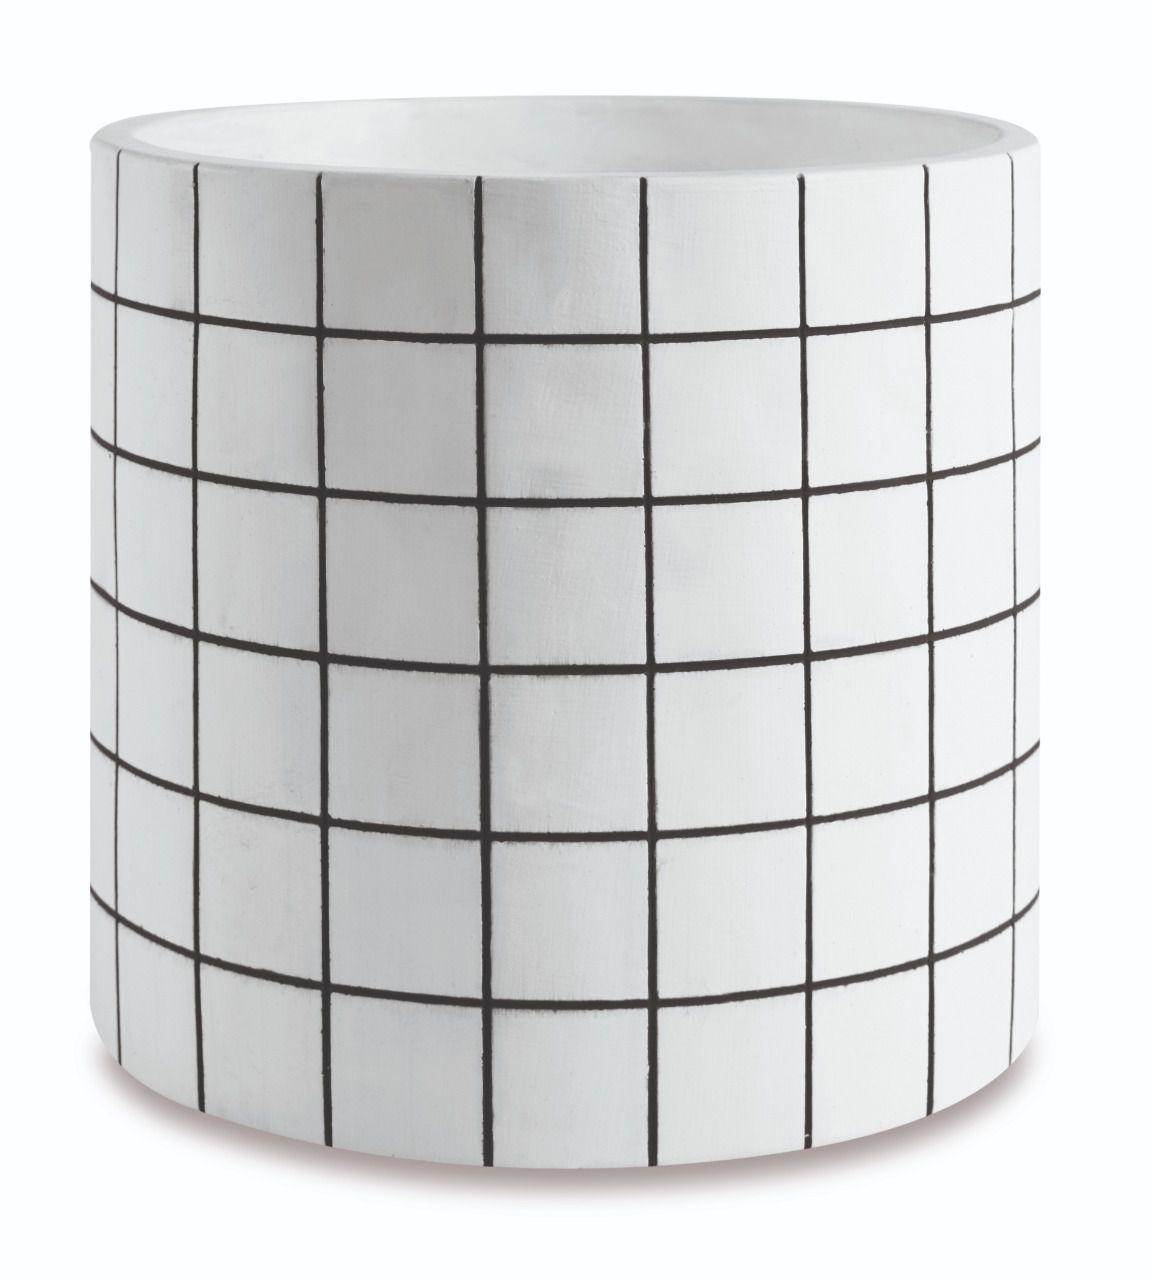 Kit c/3 Vasos Grid Branco e Preto Redondo - Mart